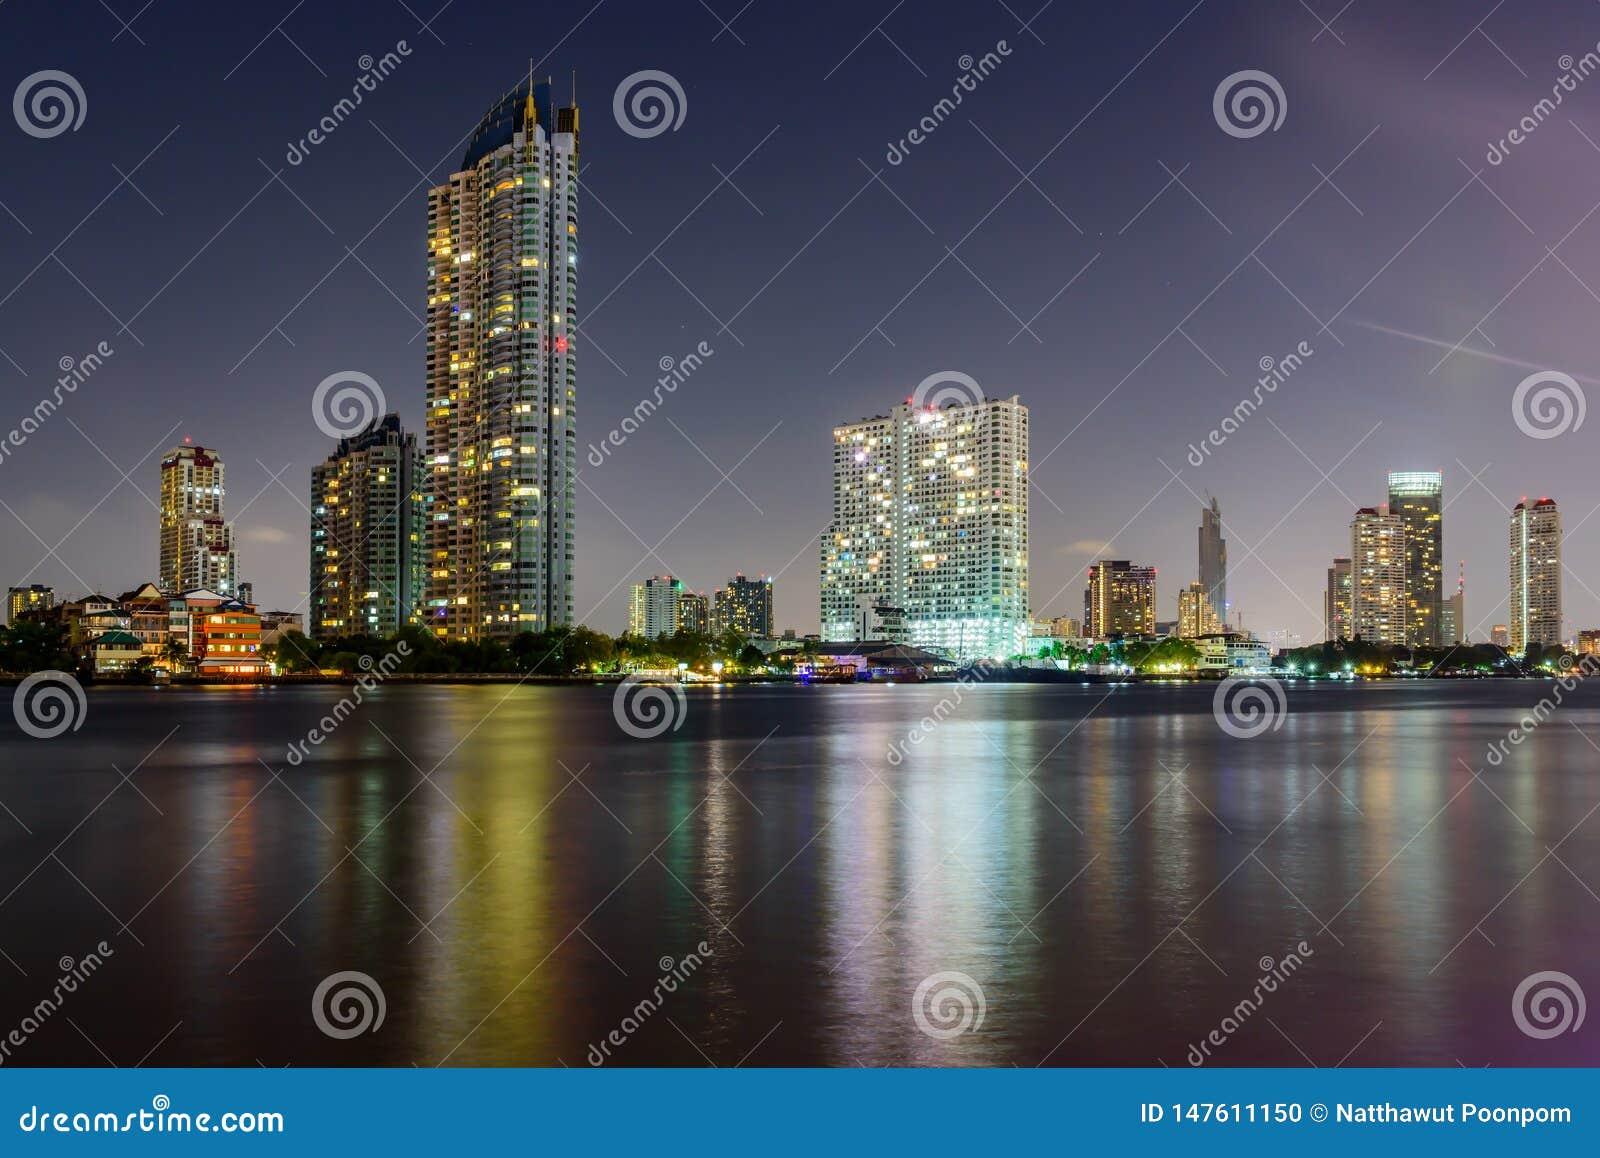 摩天大楼在晚上